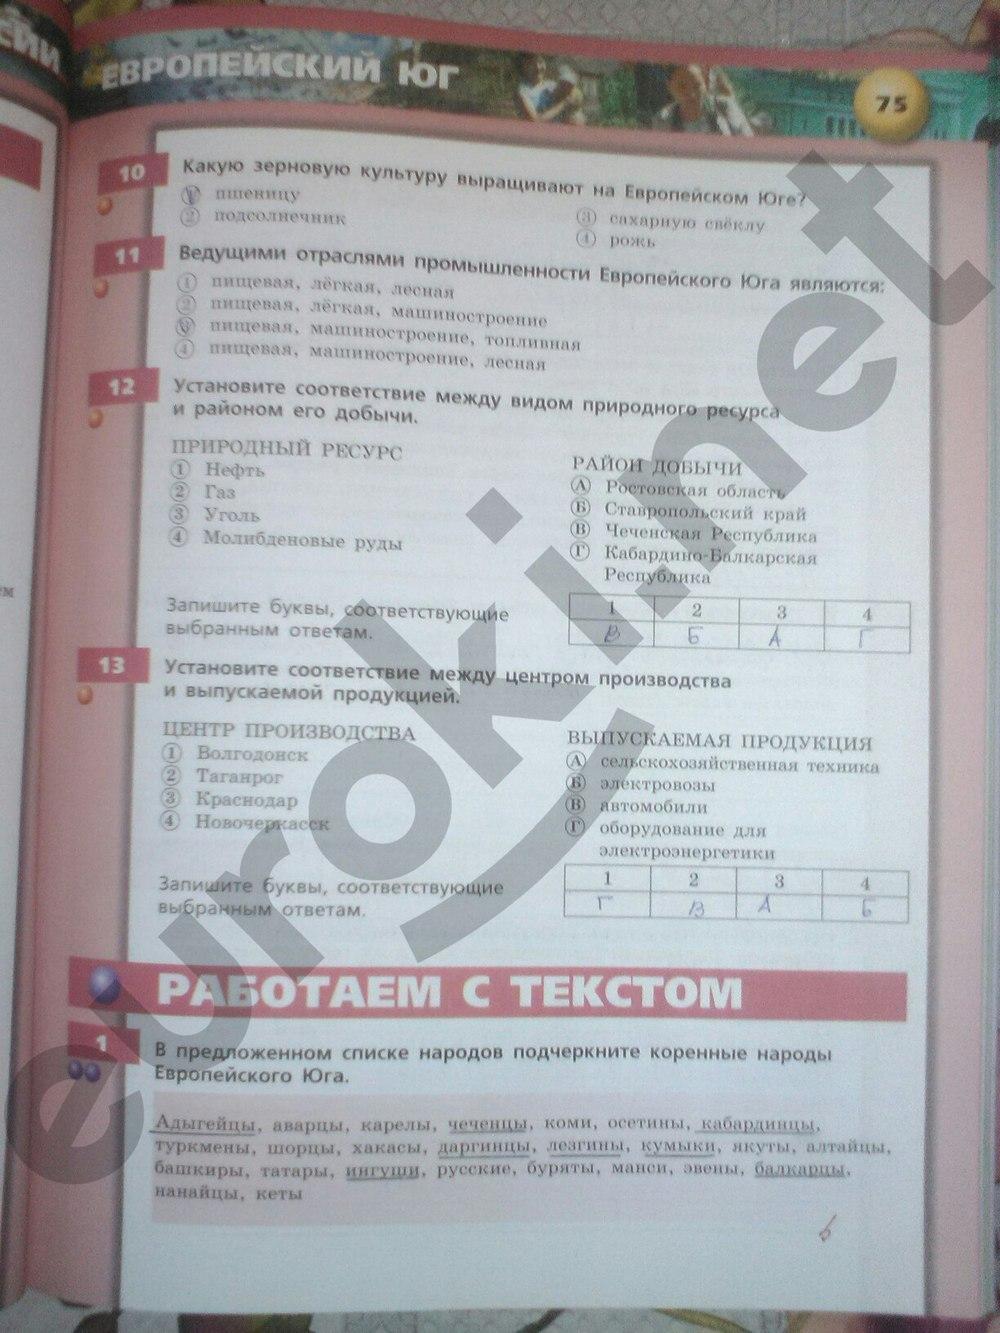 ГДЗ по географии 9 класс тетрадь тренажёр Ходова, Ольховая. Задание: стр. 75